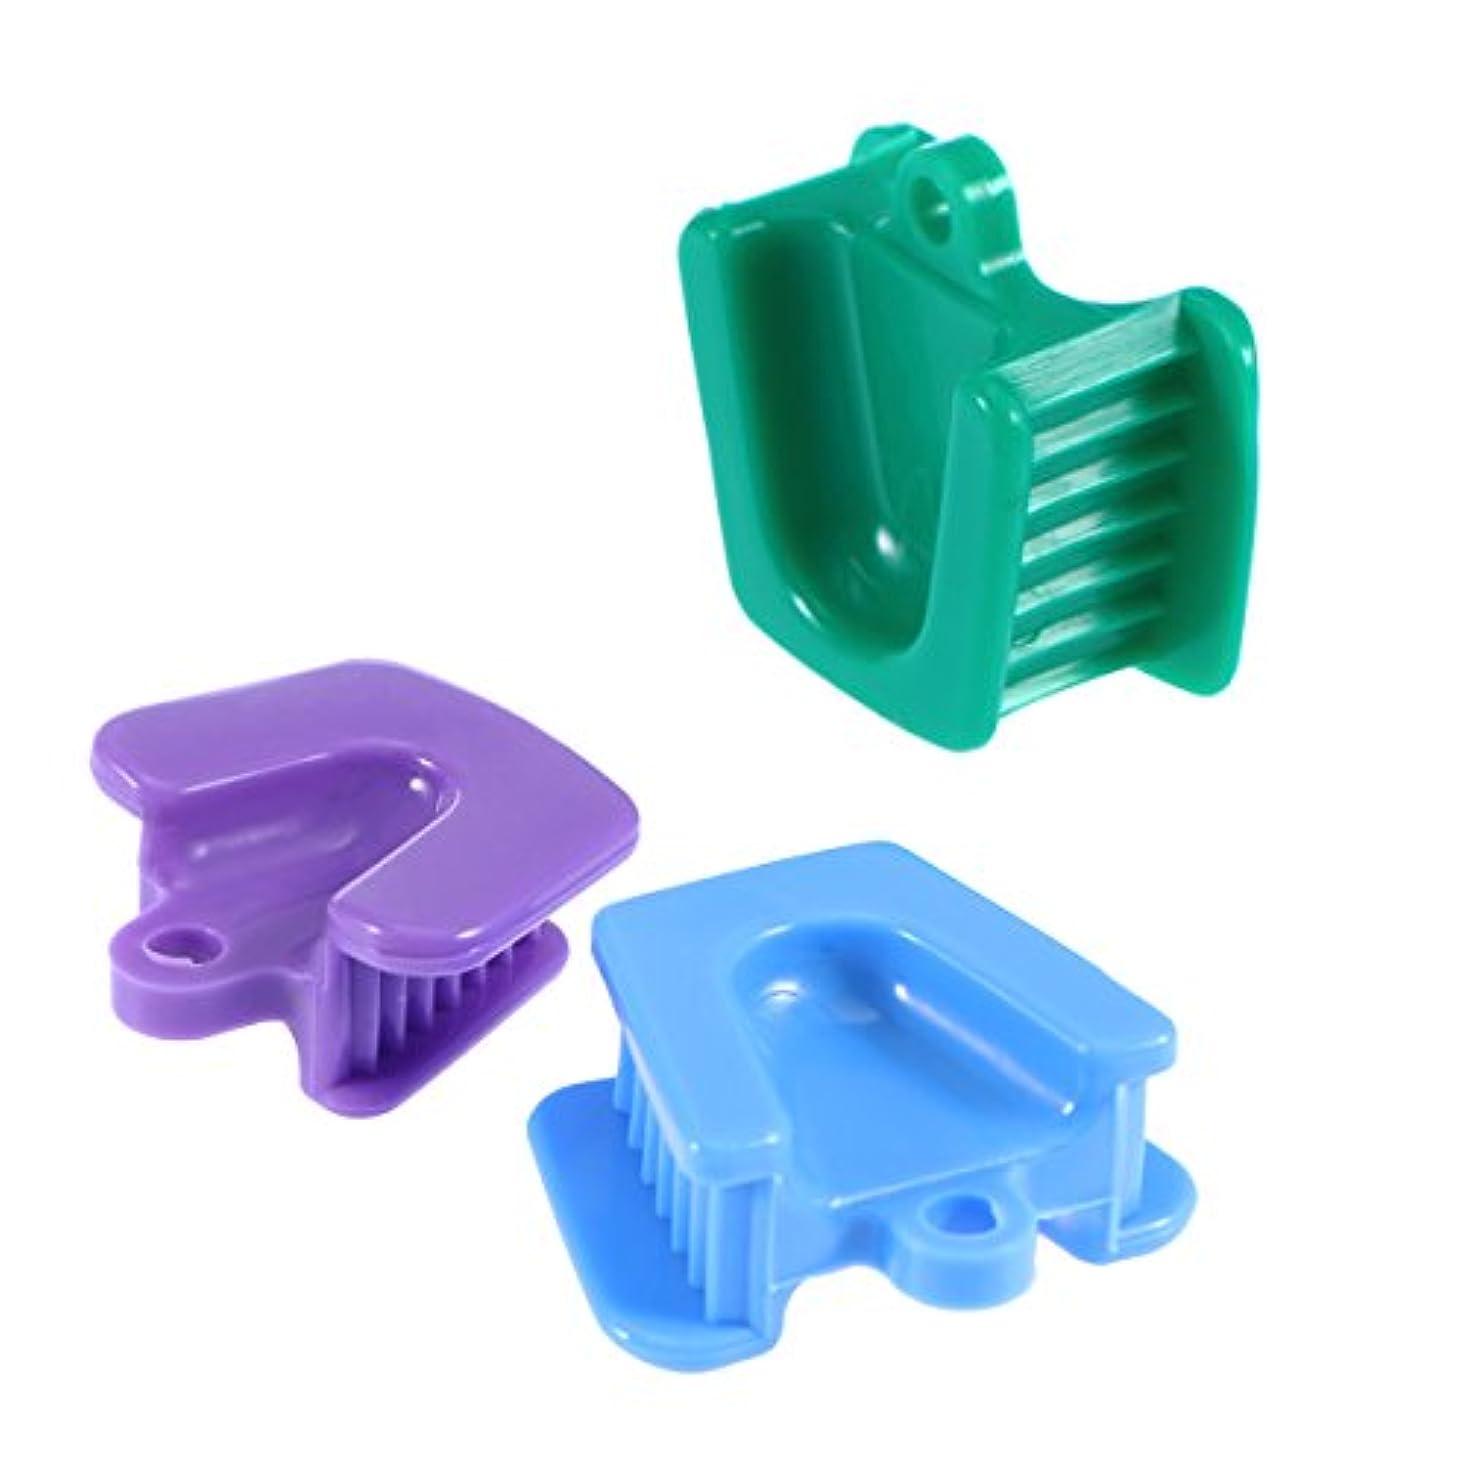 熱保持固有のROSENICE 口プロップ歯科用小道具3個バイトブロッククッションオープナーリトラクタ小中大サイズ(図示)